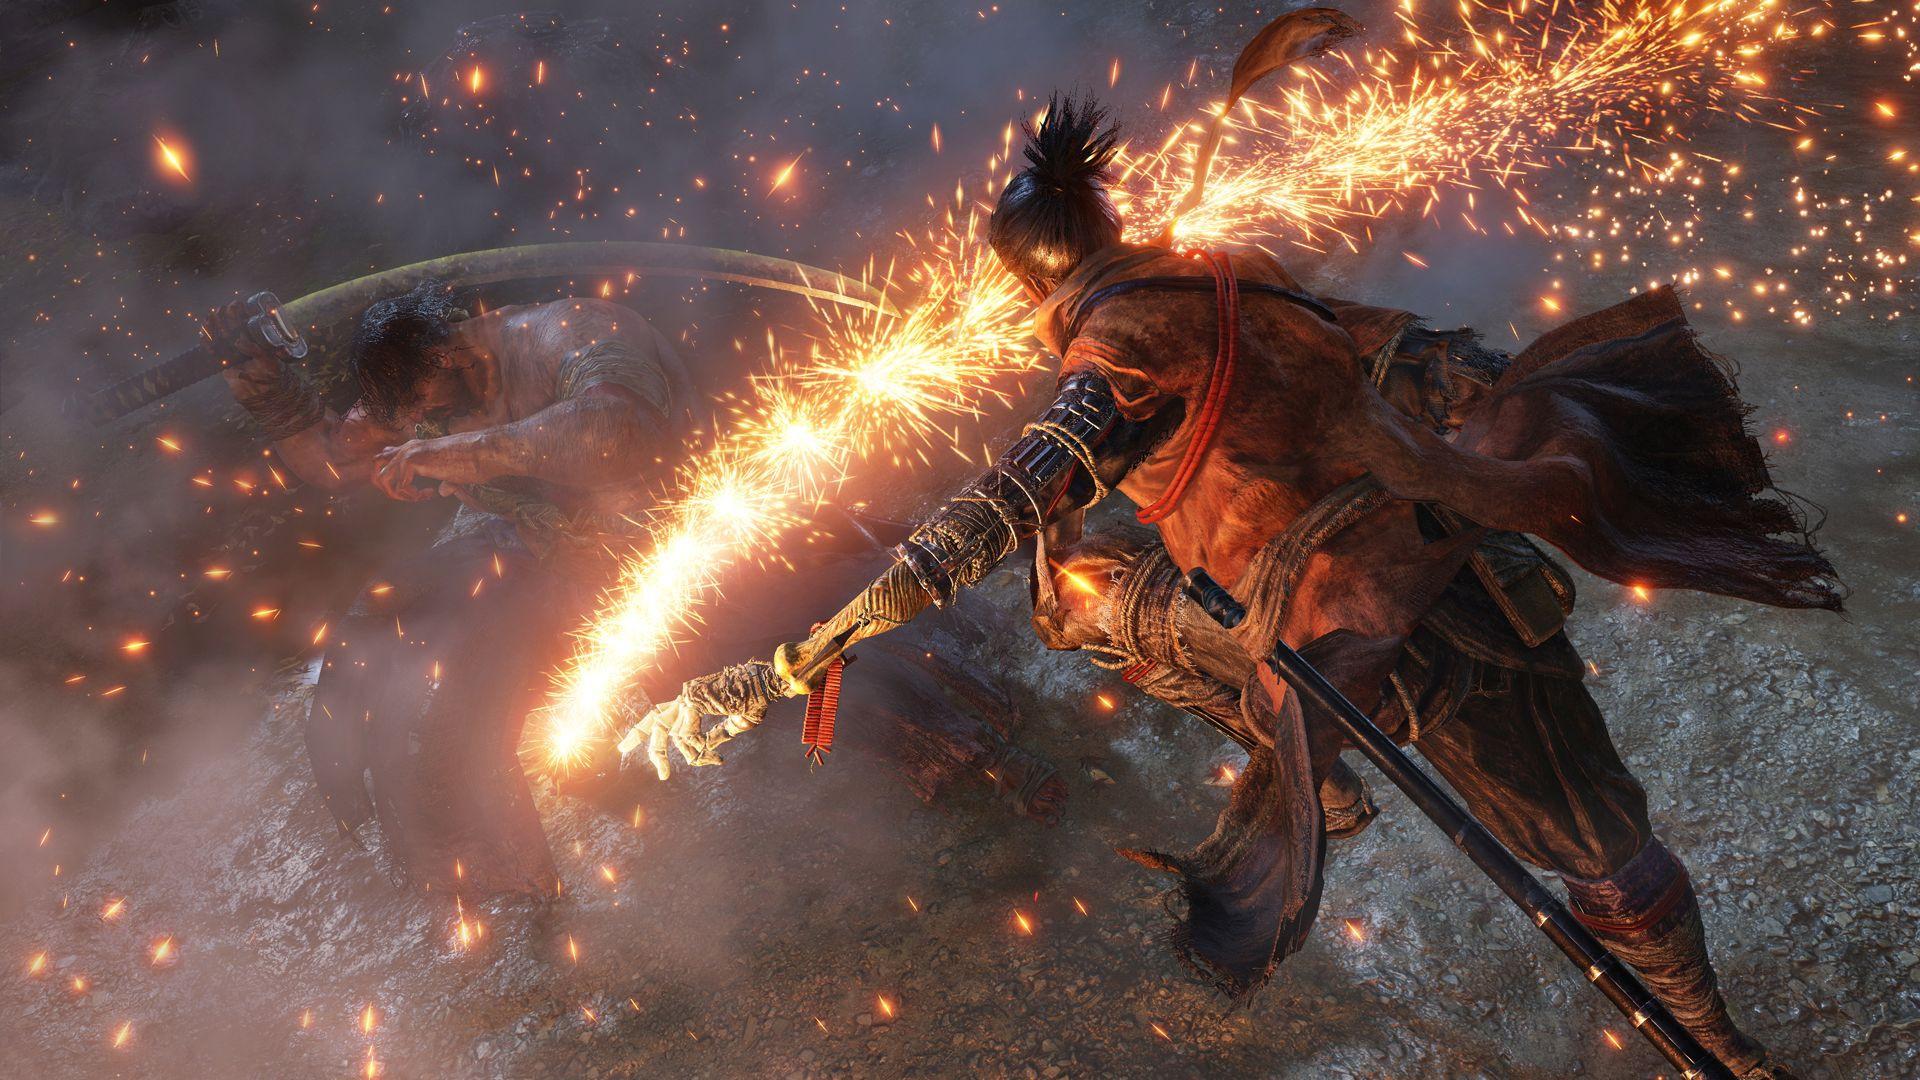 В новом геймплее Sekiro: Shadows Die Twice объяснили отличие боевой системы от Dark Souls и Bloodborne